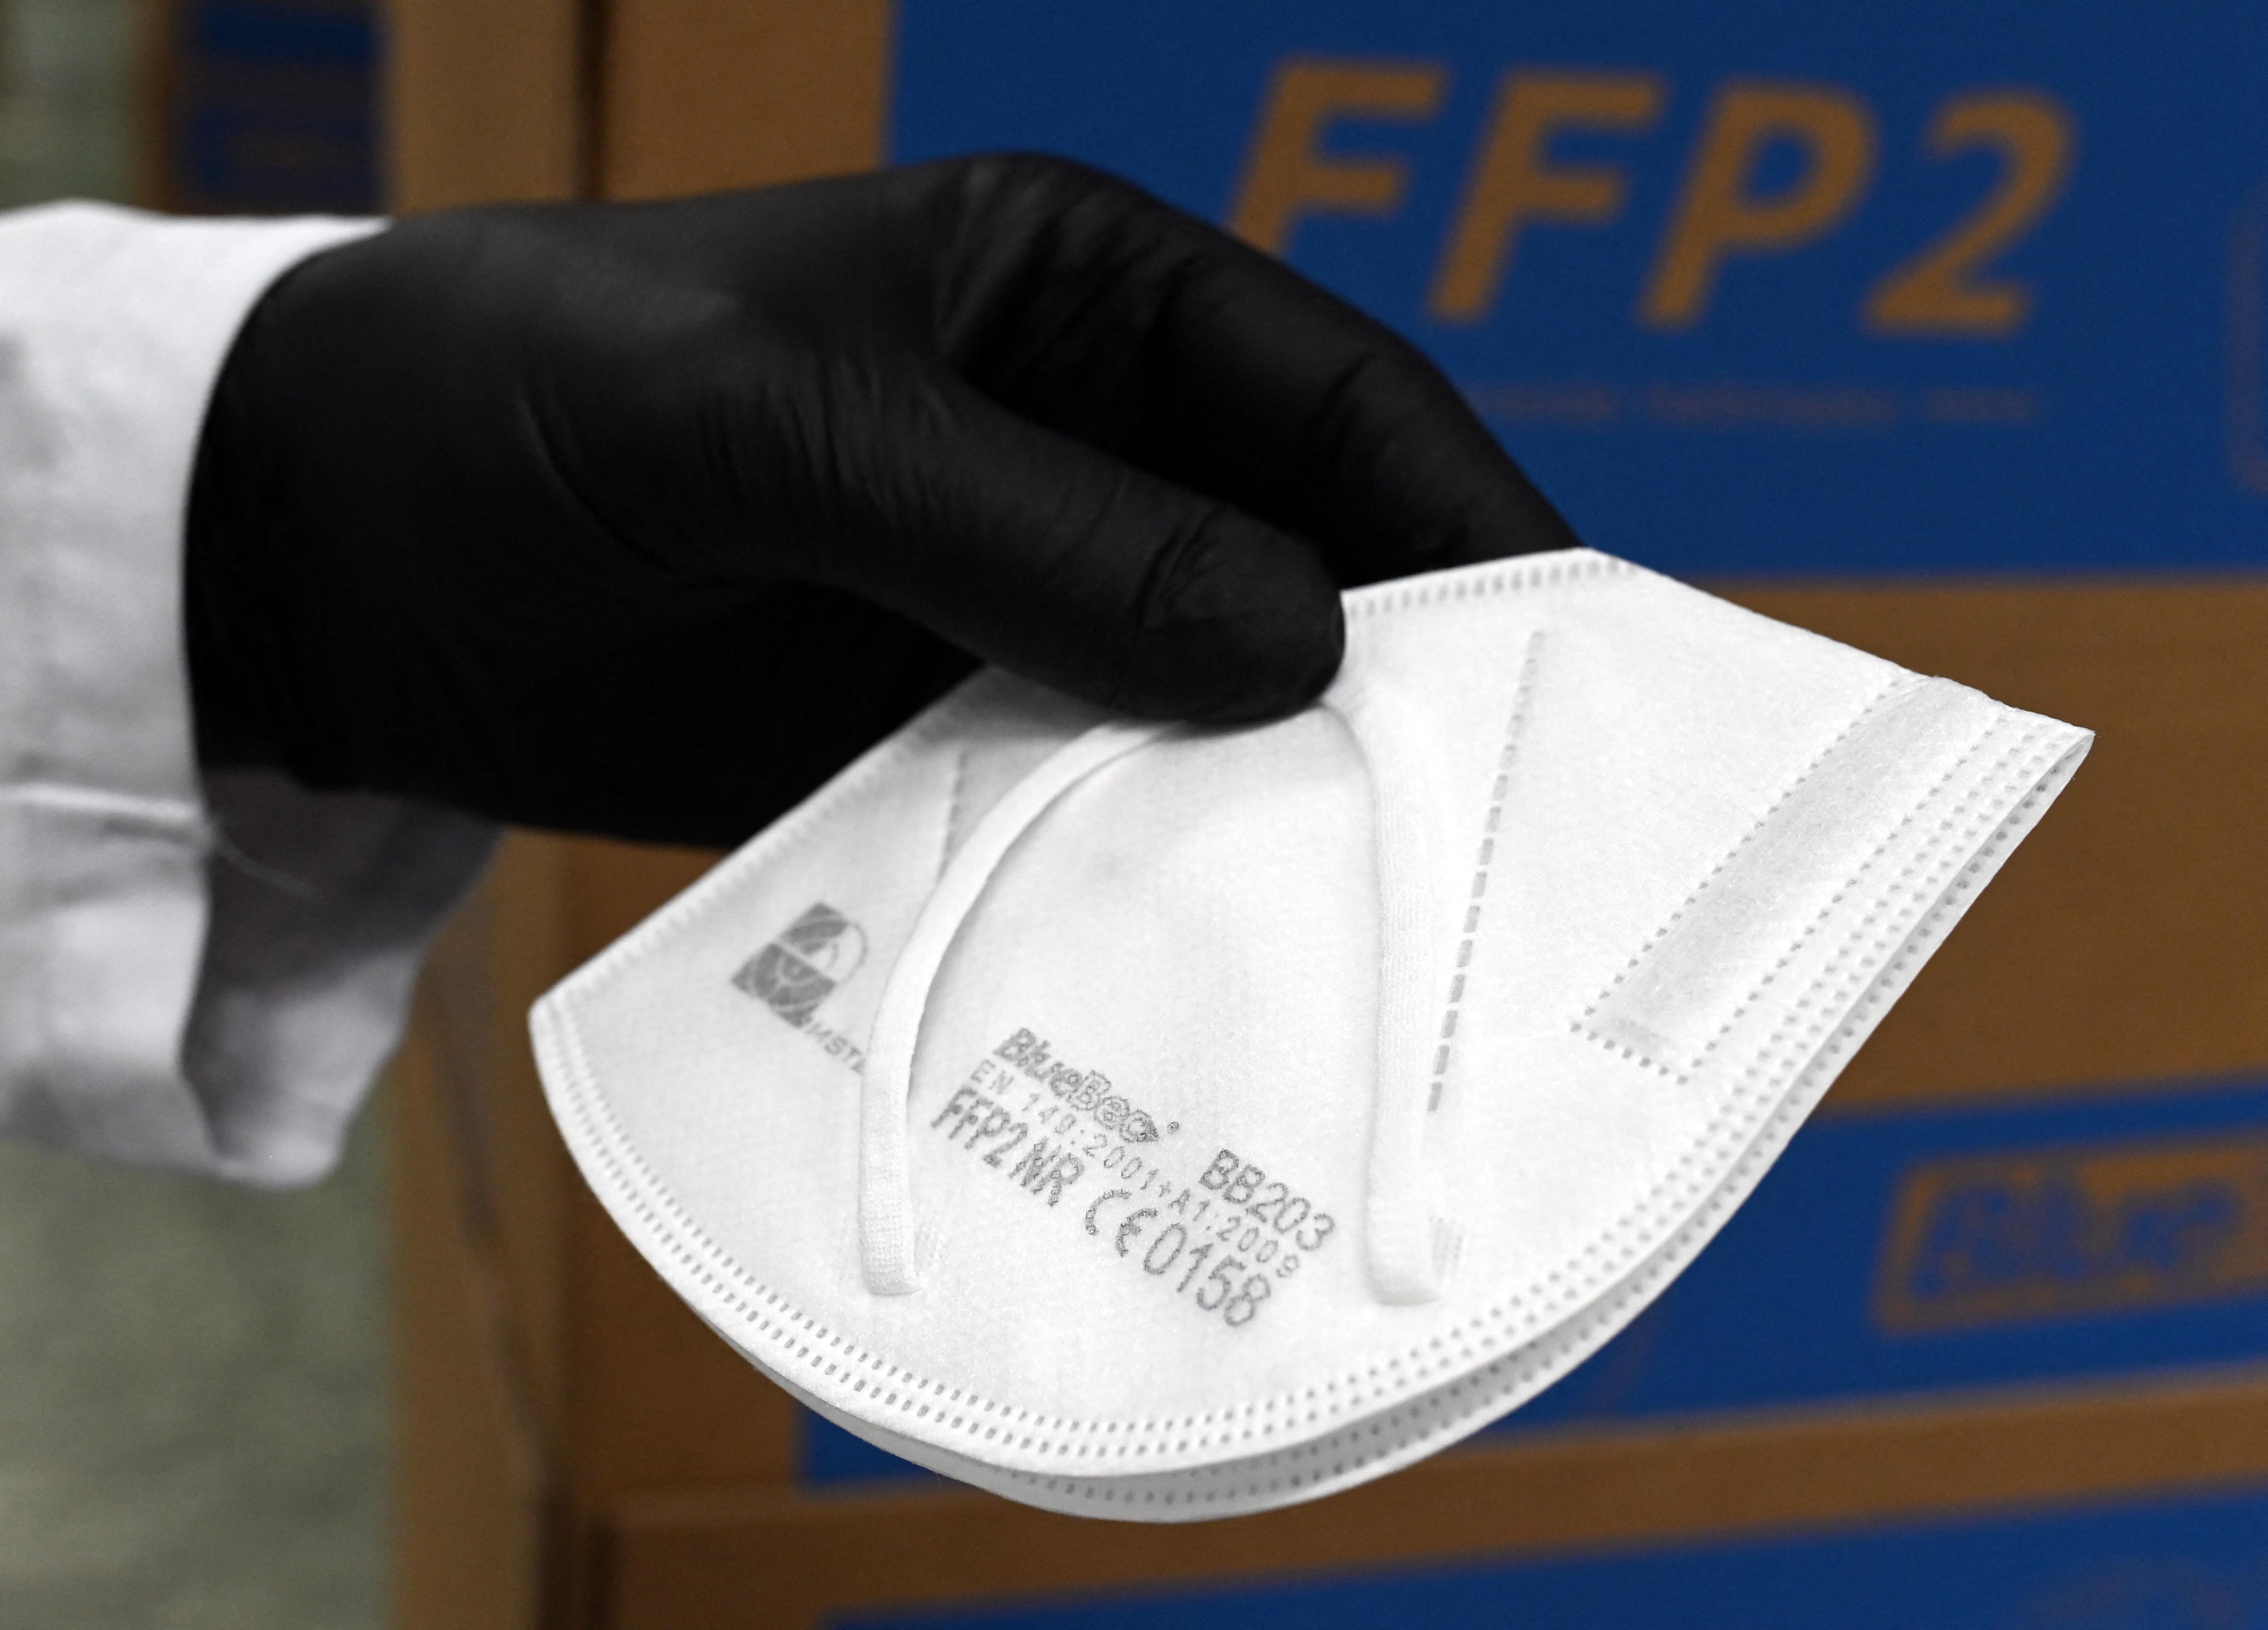 A XII. kerületi polgármesteri hivatalban kötelező lesz az FFP2-es maszk